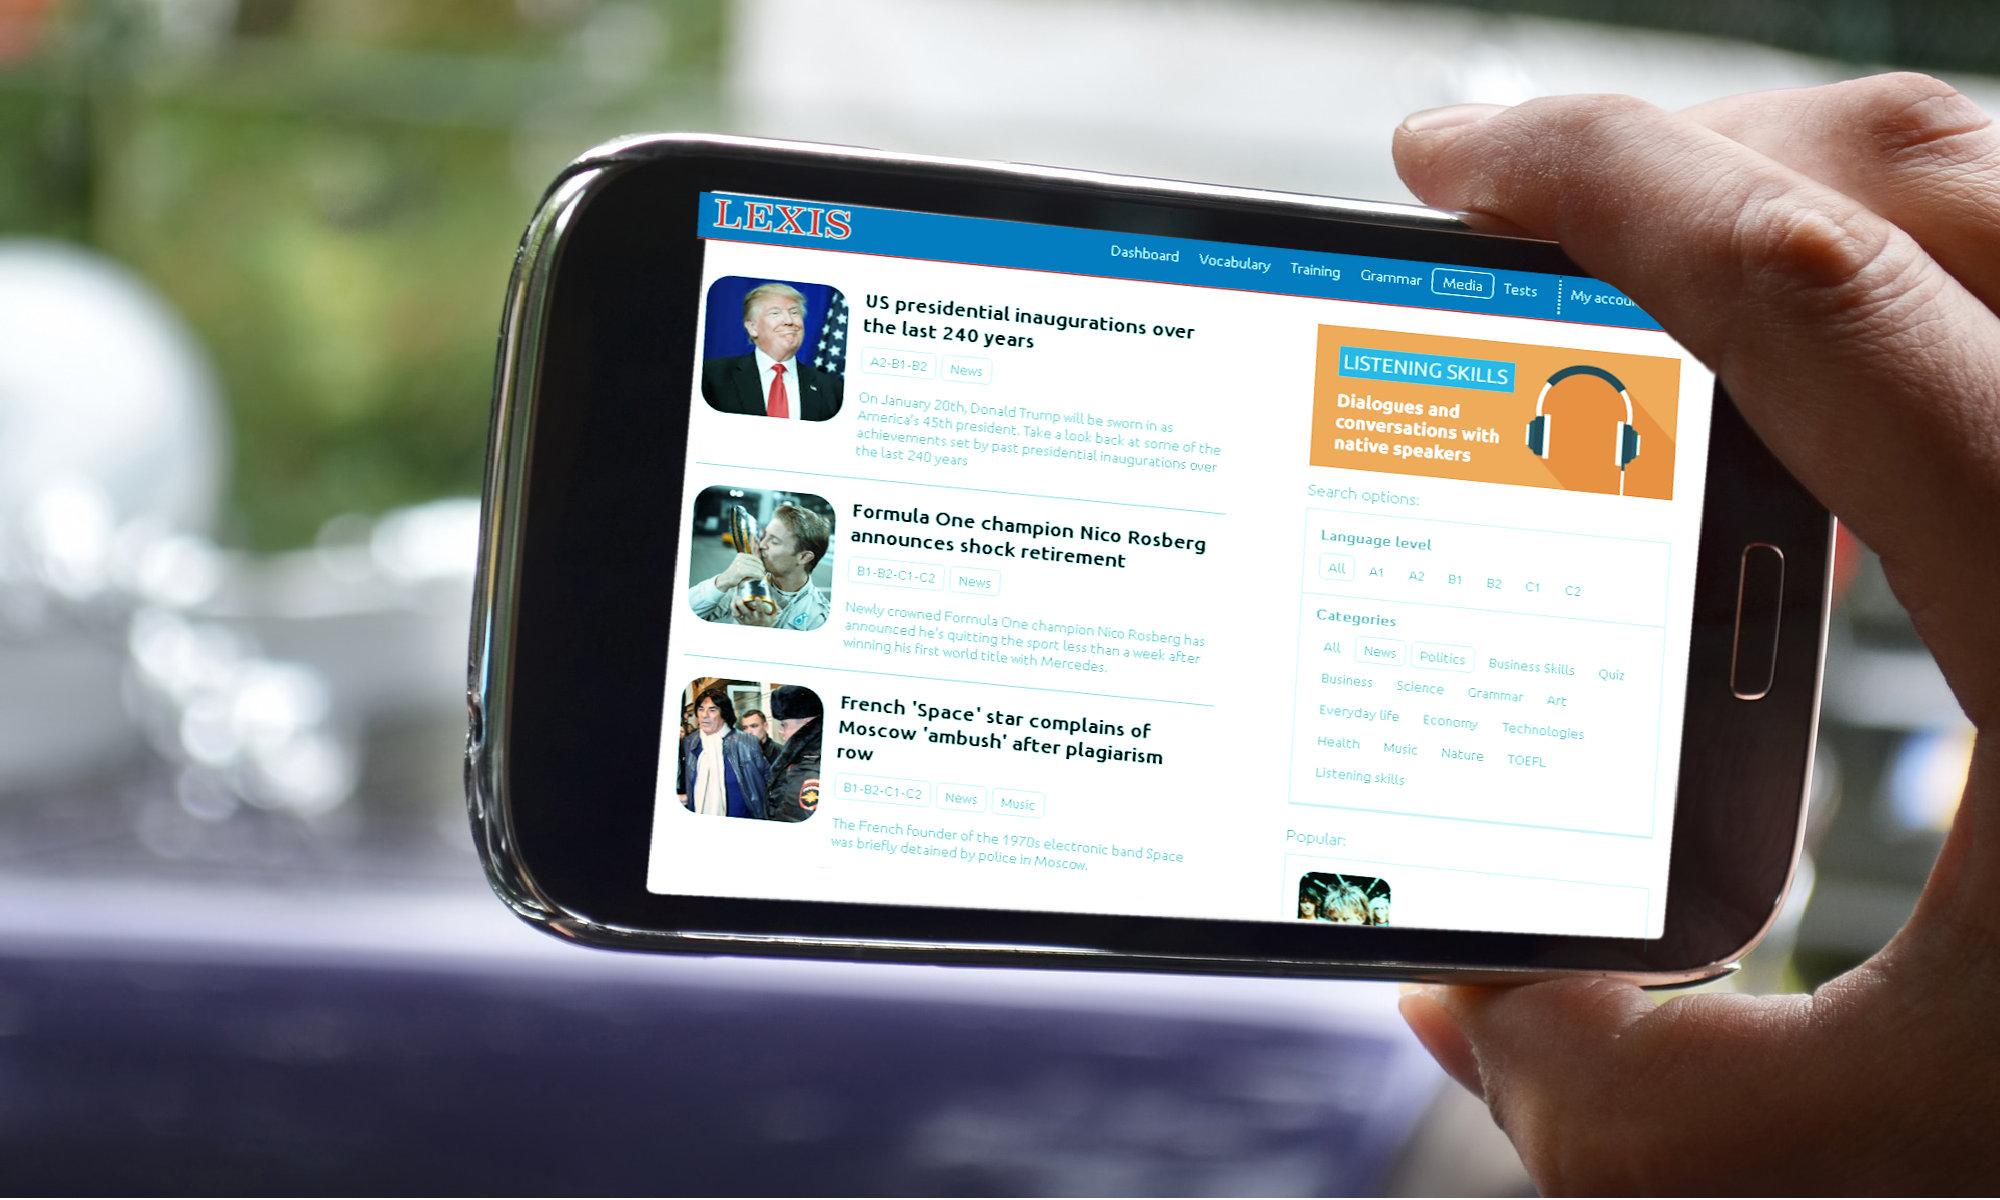 Online angielski to platforma e- learningowa dla dzieci, młodzieży i dla dorosłych z ćwiczeniami, nauką słówek, scenkami wideo itp.